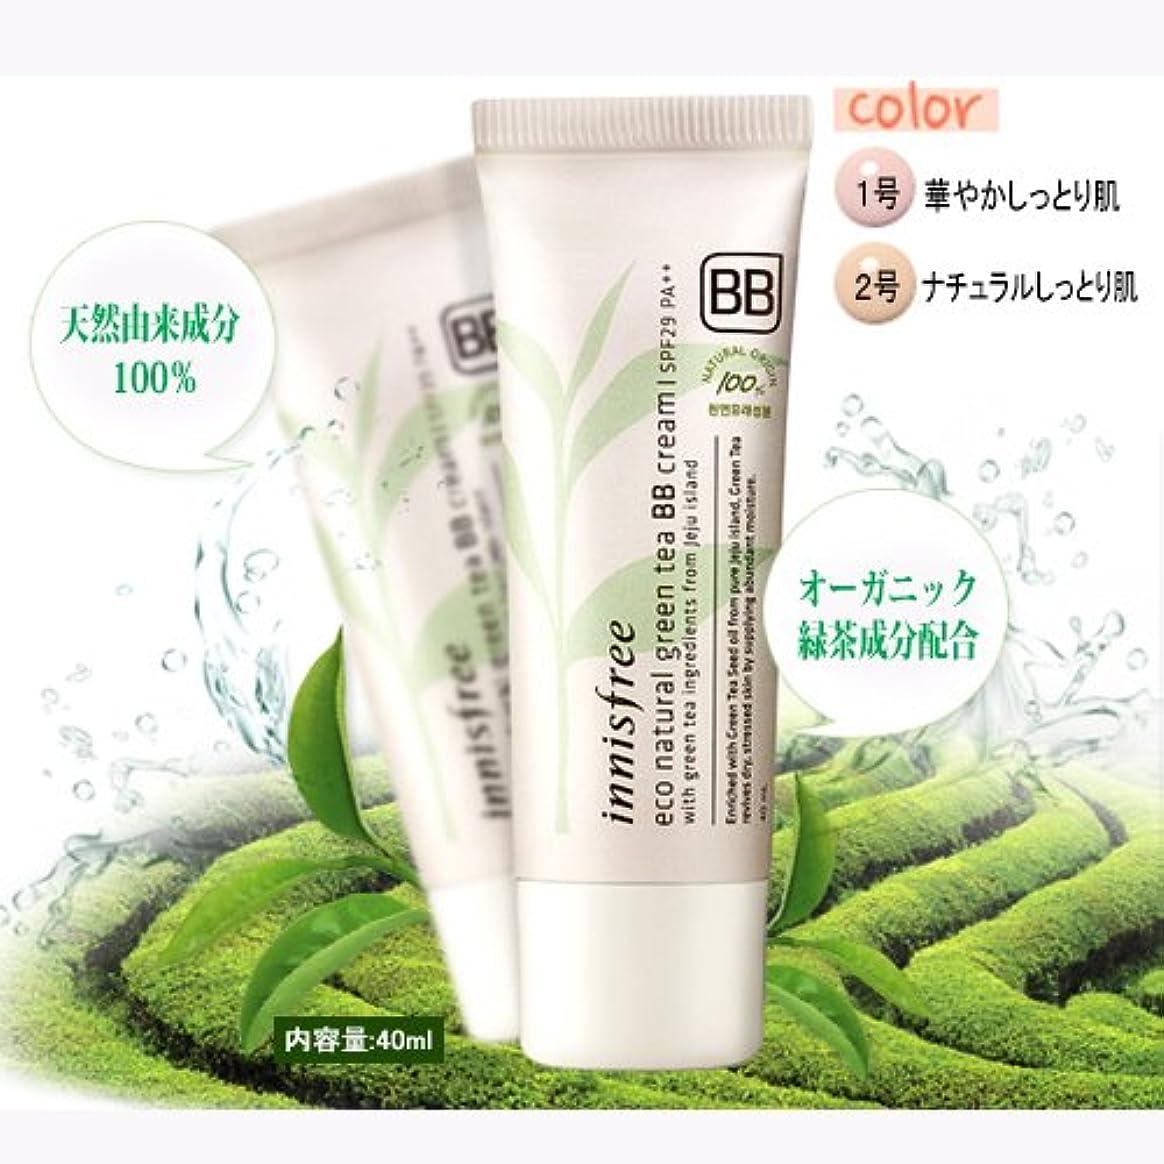 注入ロースト行方不明innisfree/イニスフリー Eco Natural Green Tea BB Cream #01 /エコナチュラルグリーンティーBBクリーム 華やかなしっとり肌 SPF29PA++40ml